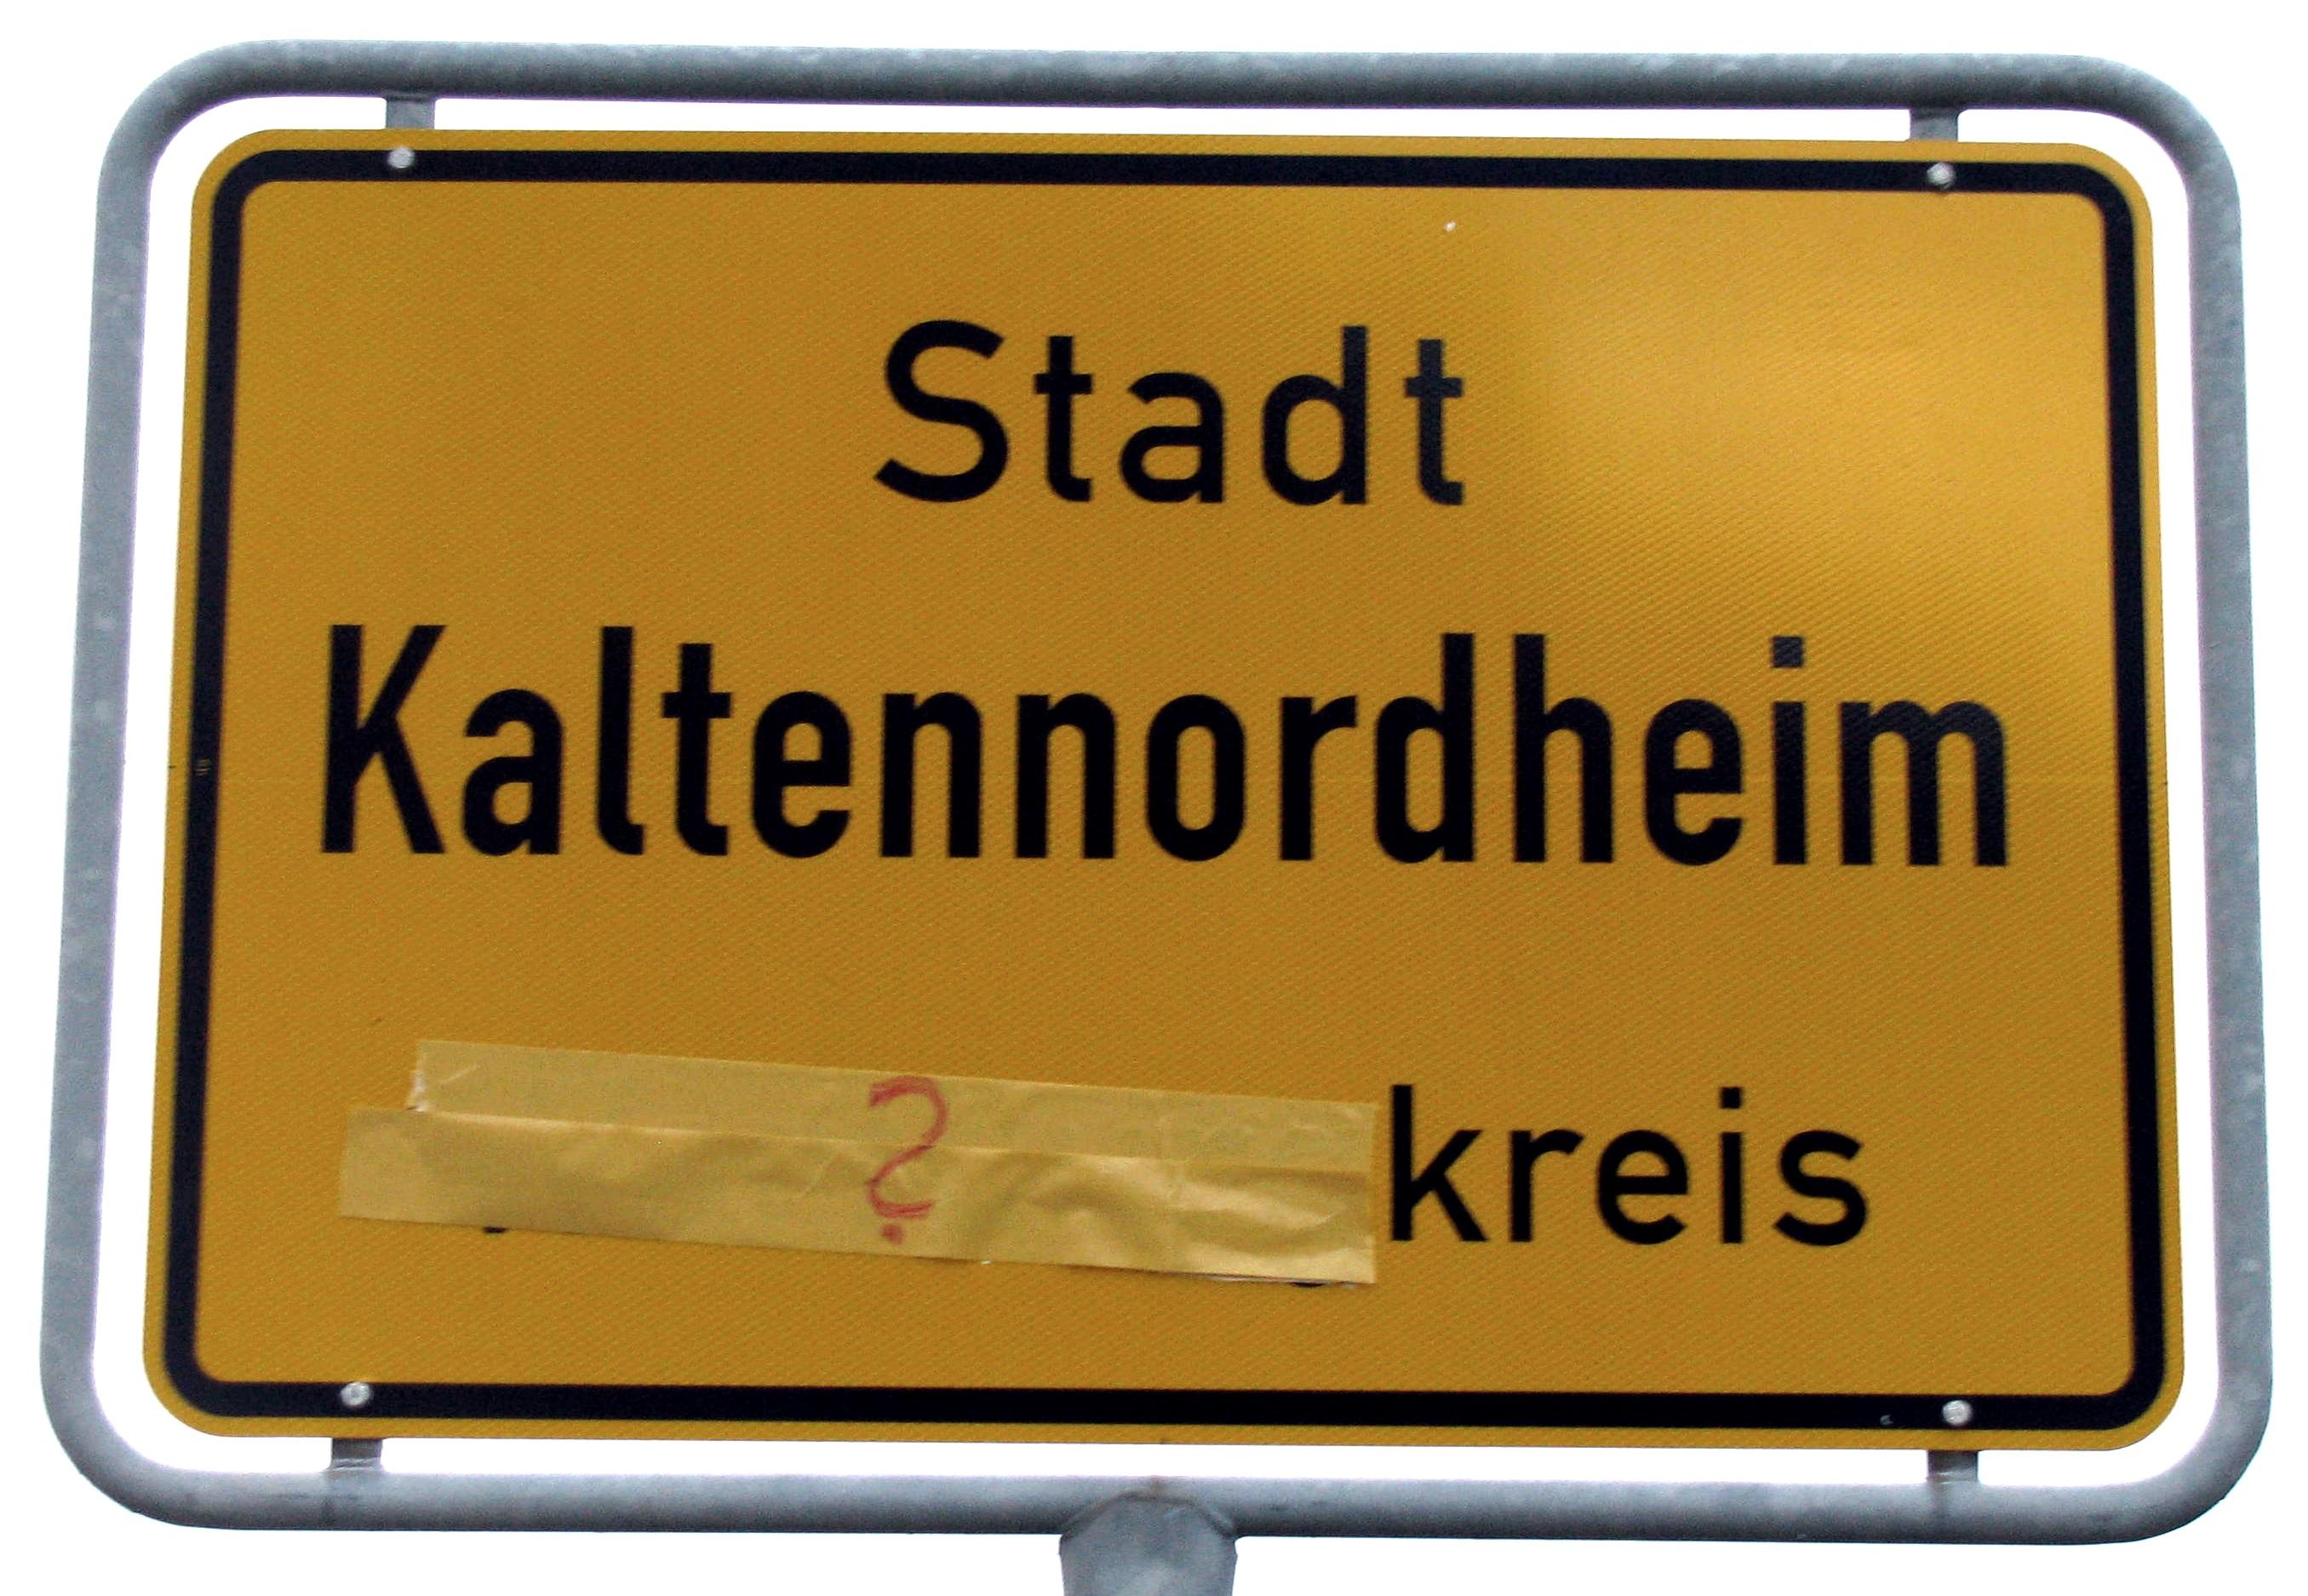 Quo vadis Kaltennordheim? Im Kreistag sagt Herr Thürmer ja zum Erhalt des Wartburgkreises, als Bürgermeister von Kaltennordheim ist ihm die Kreisangehörigkeit der egal!